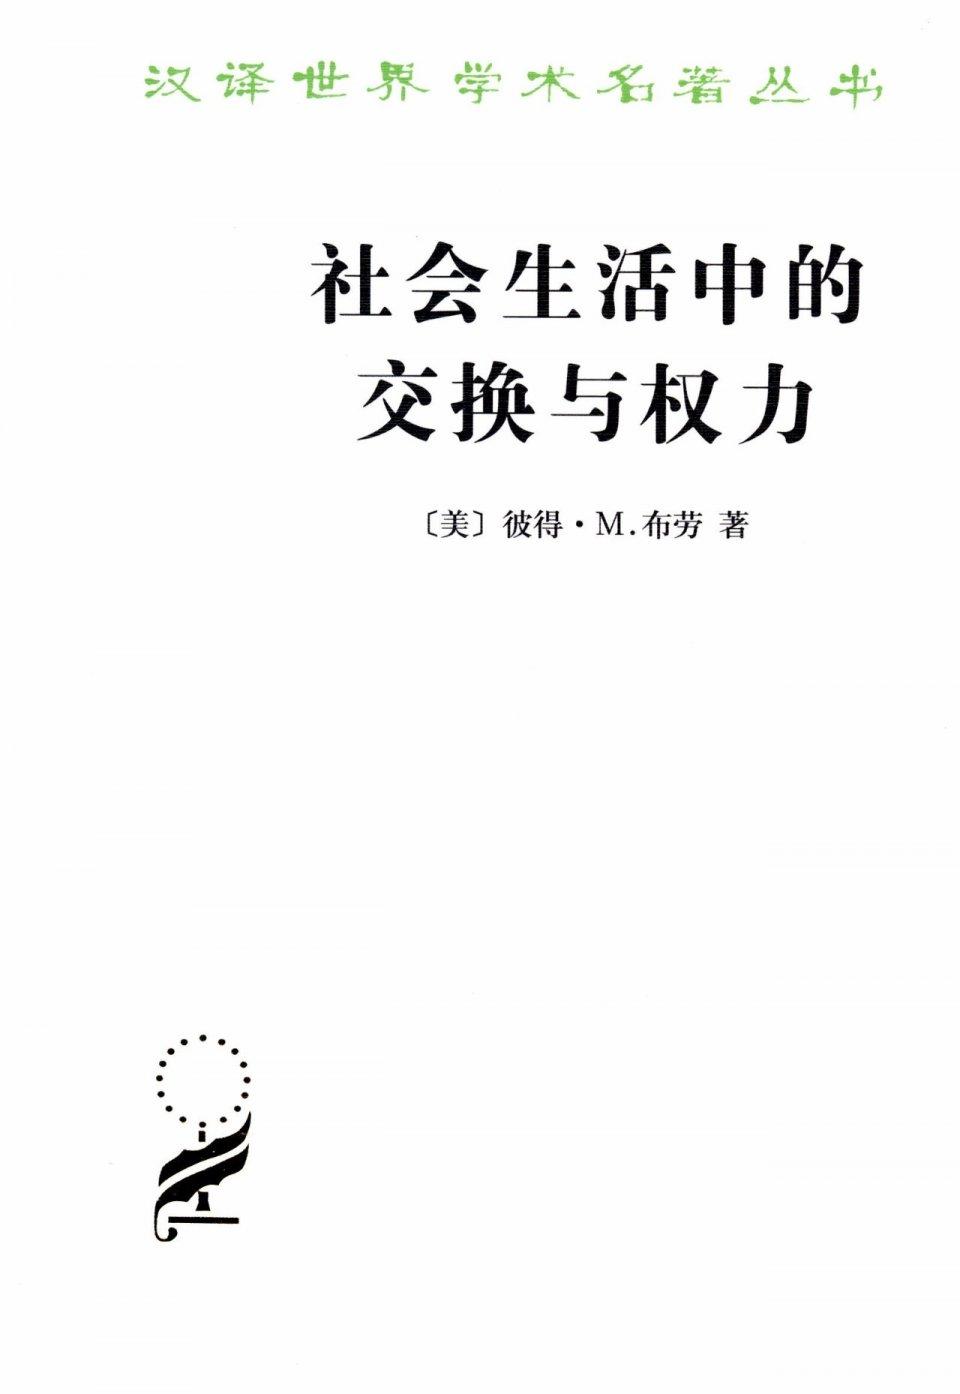 20本社會學經典(必備書單) | 世界讀書日特別策劃(十一) - 壹讀